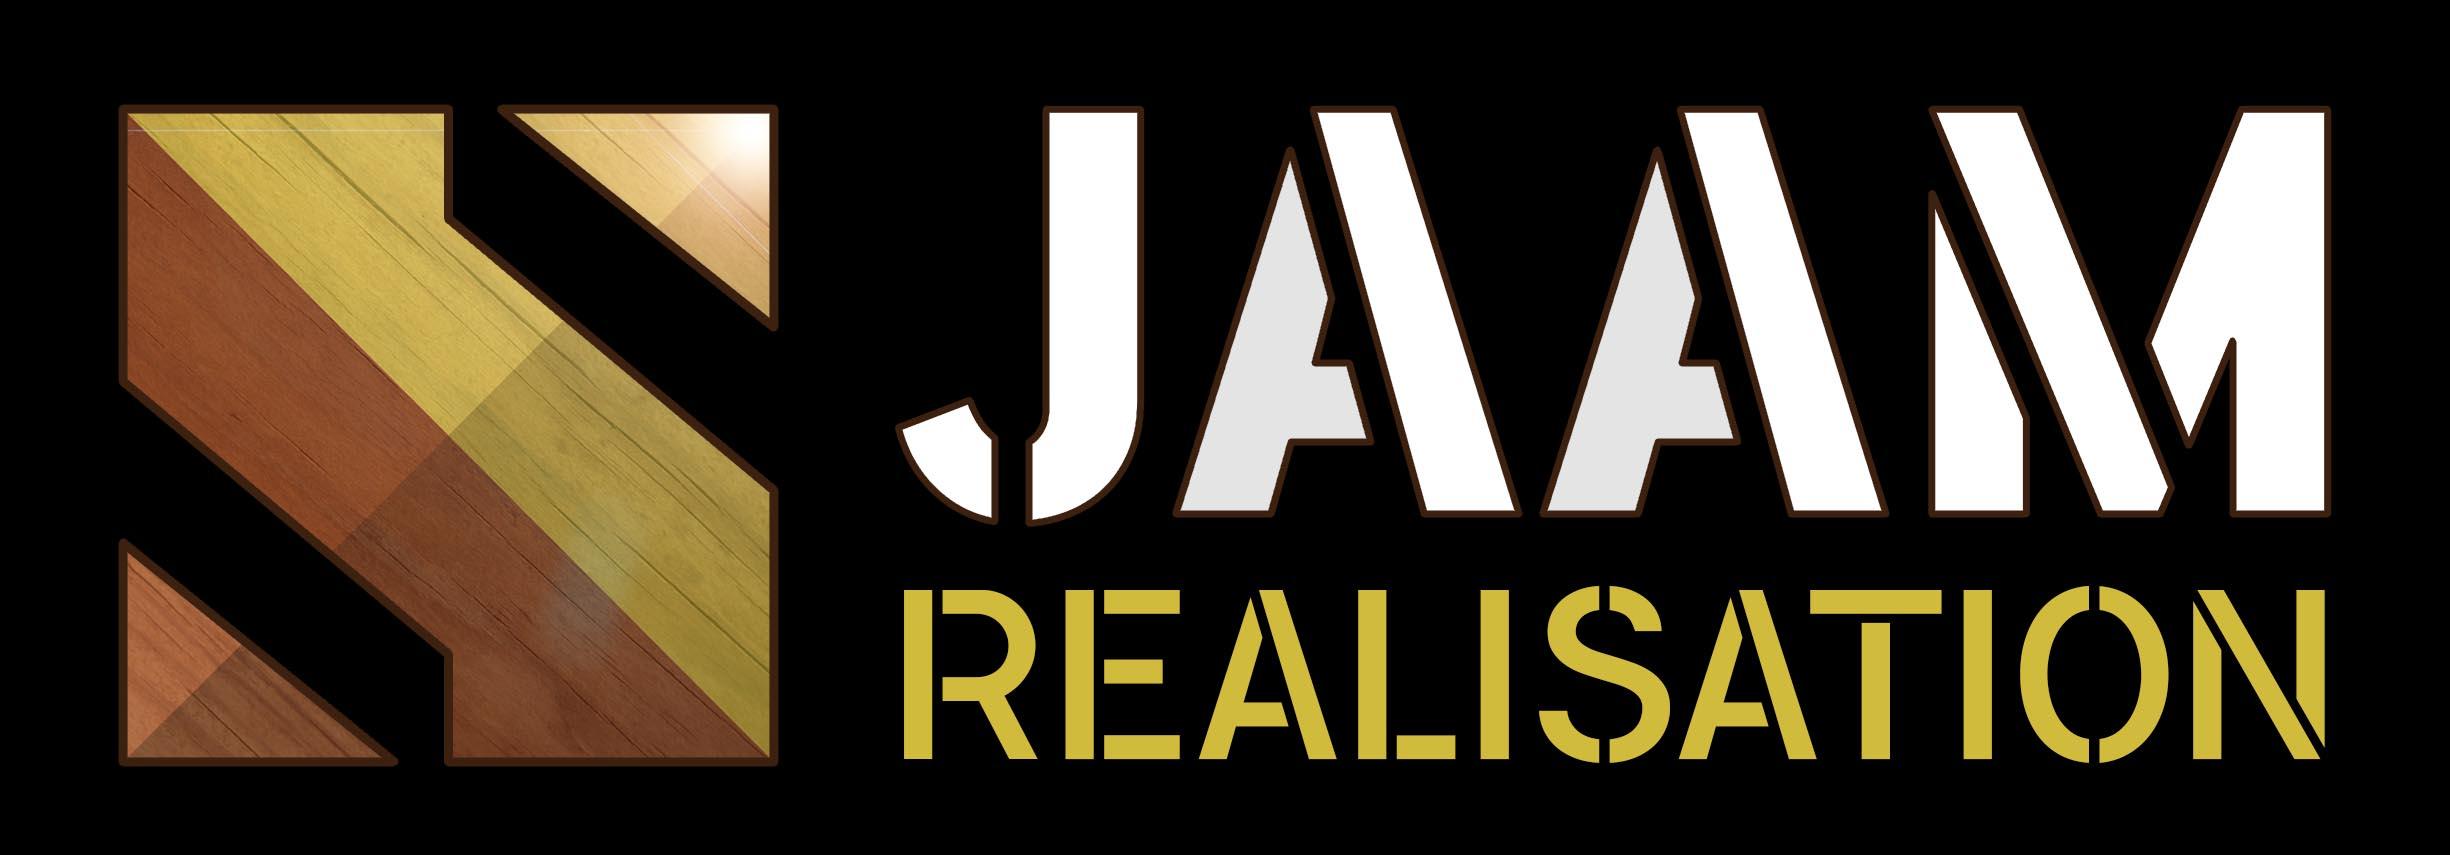 Jaam-Realisation